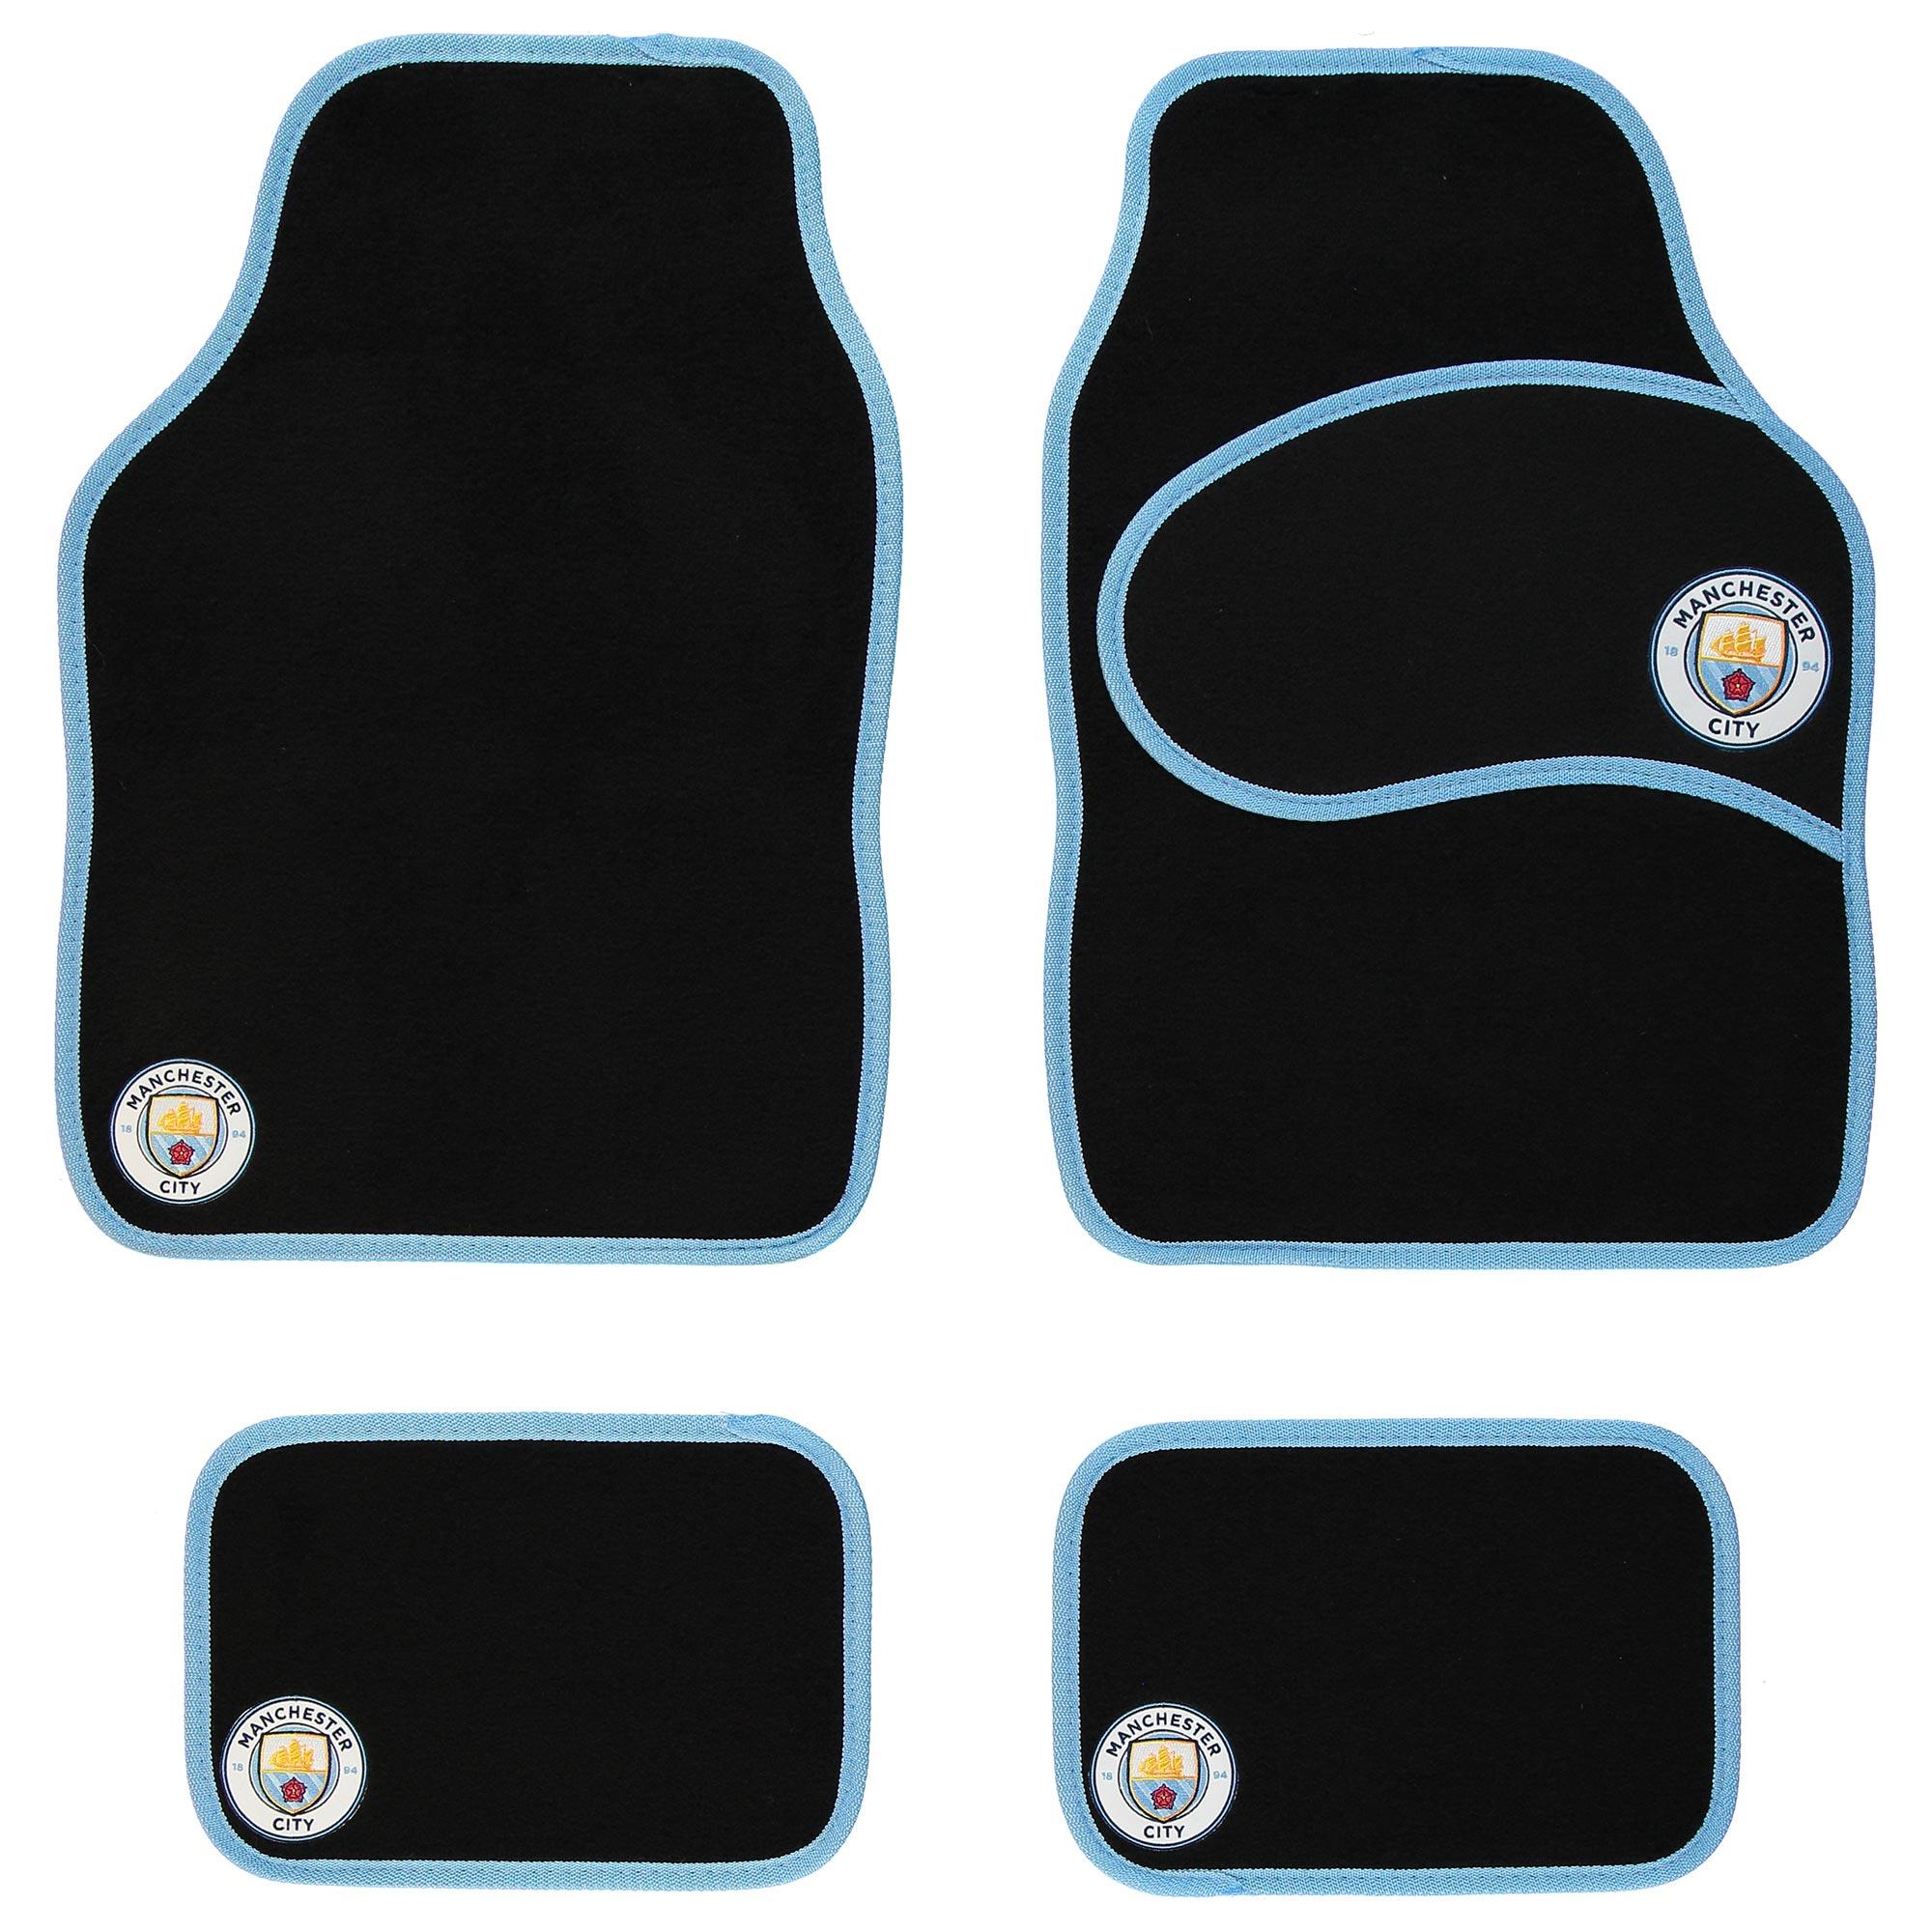 Manchester City Universal Car Mats